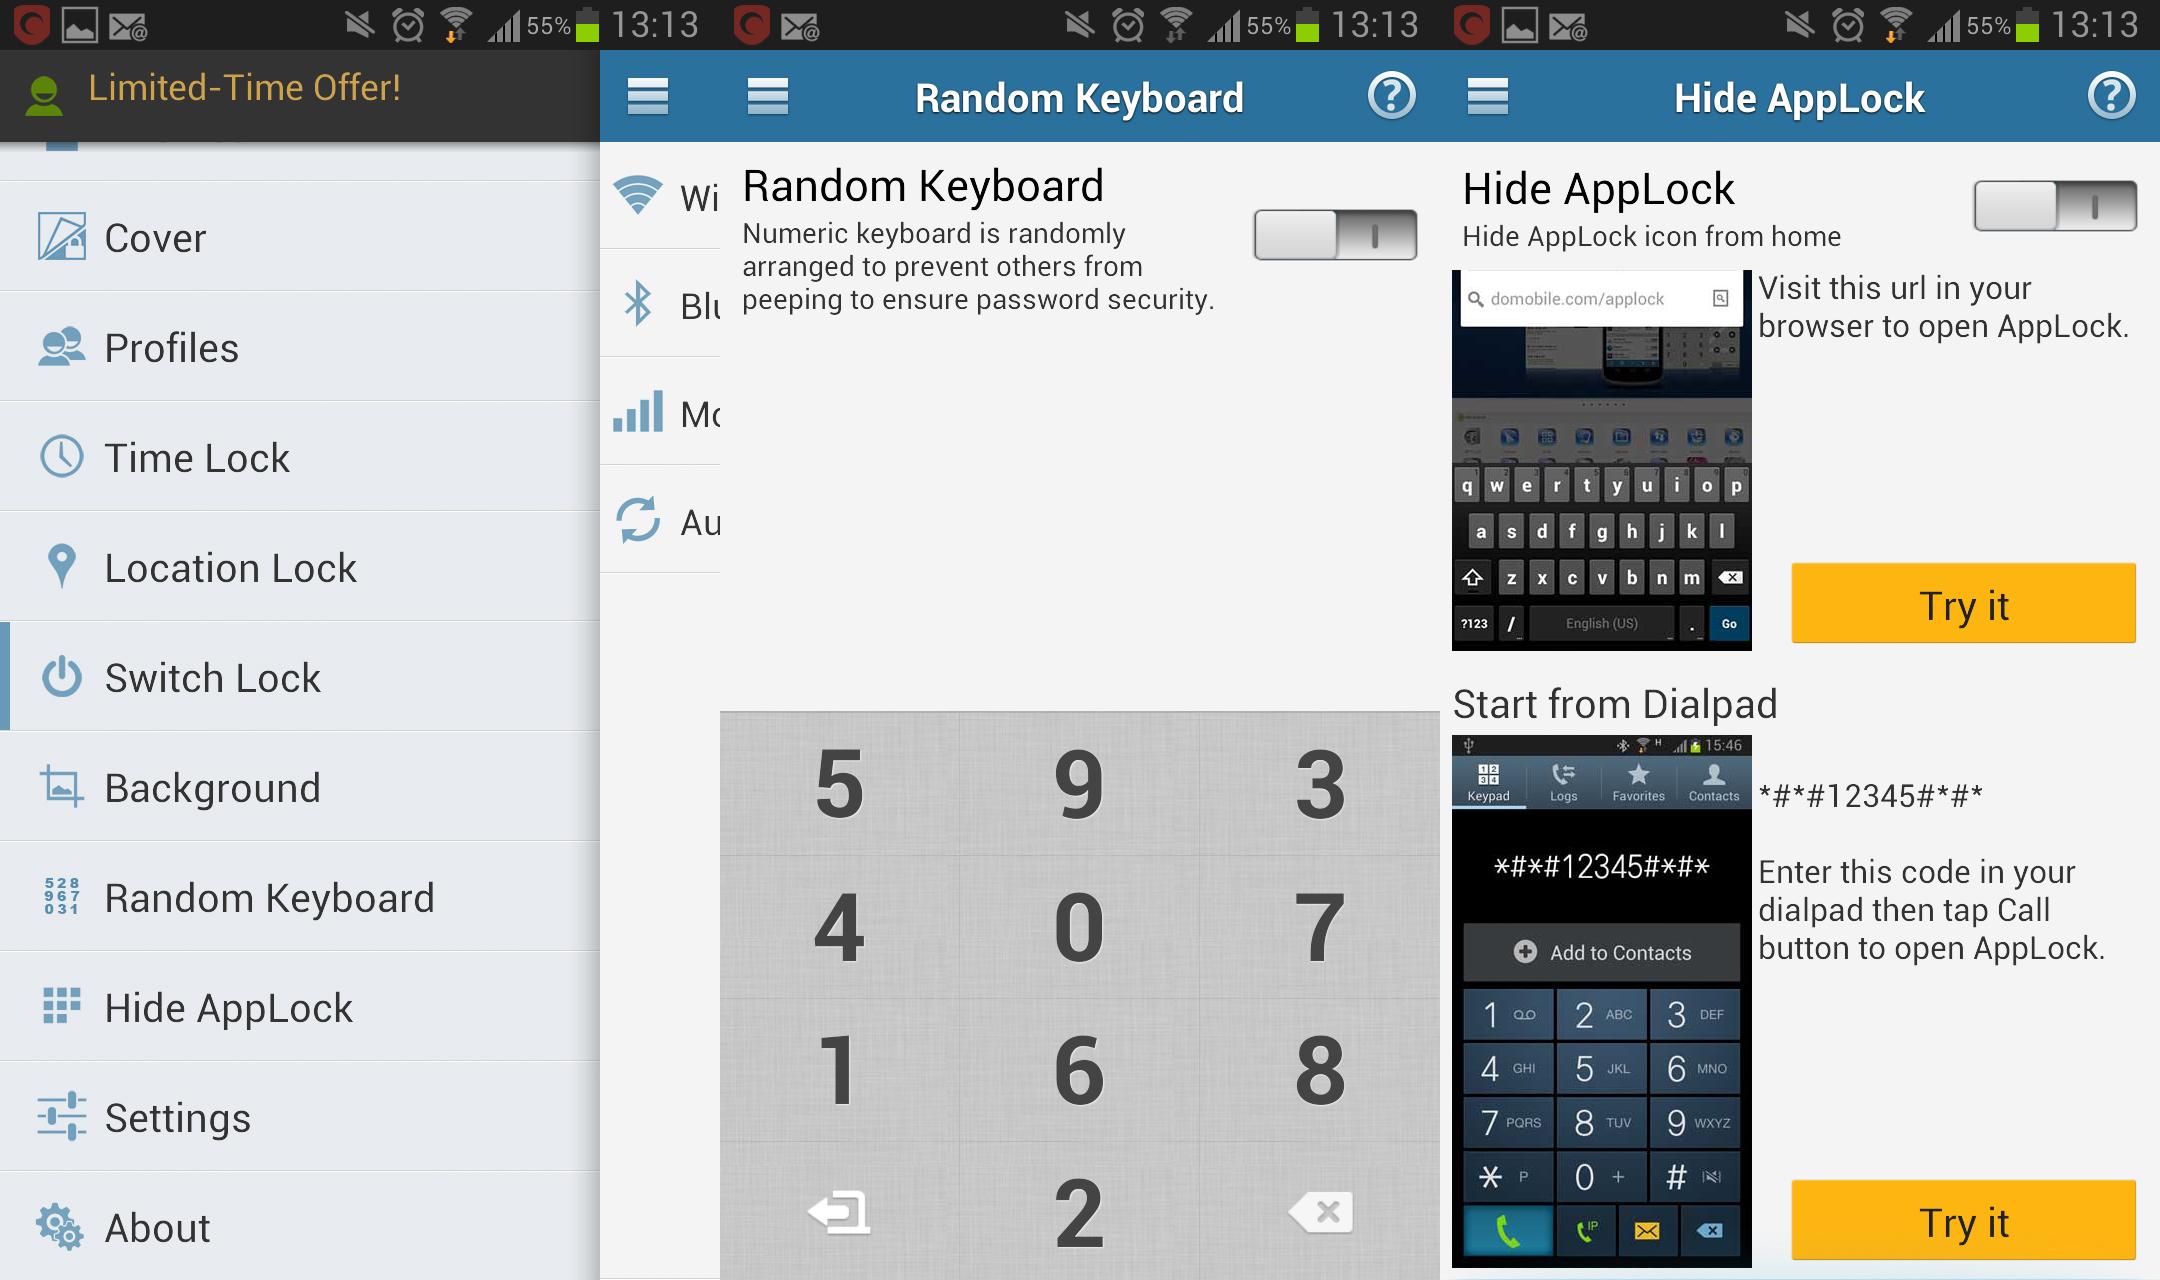 Le migliori app per password per bloccare le applicazioni 1